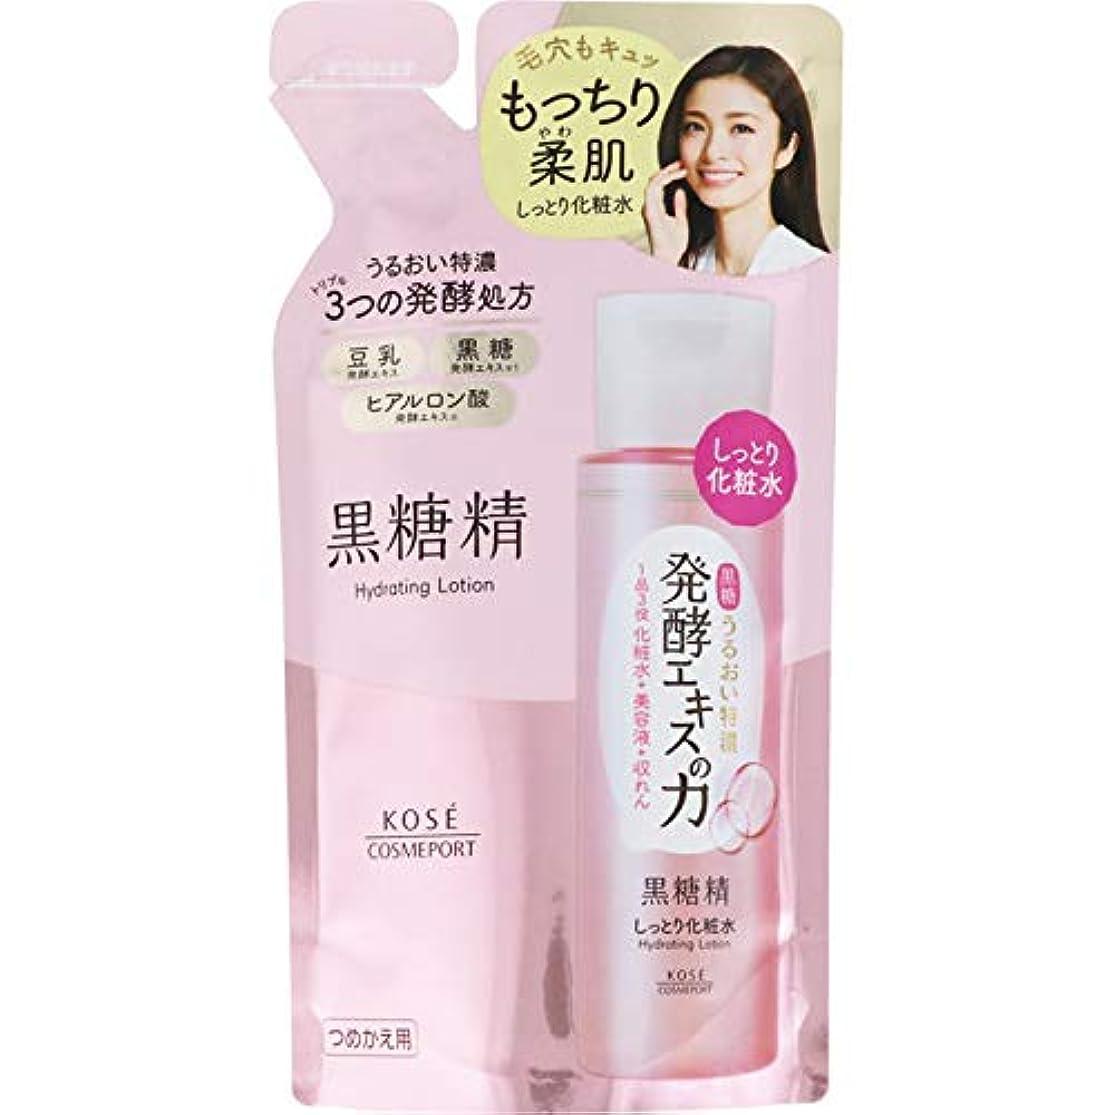 インクペストリーエイズ【3個セット】黒糖精 しっとり化粧水 つめかえ 160mL